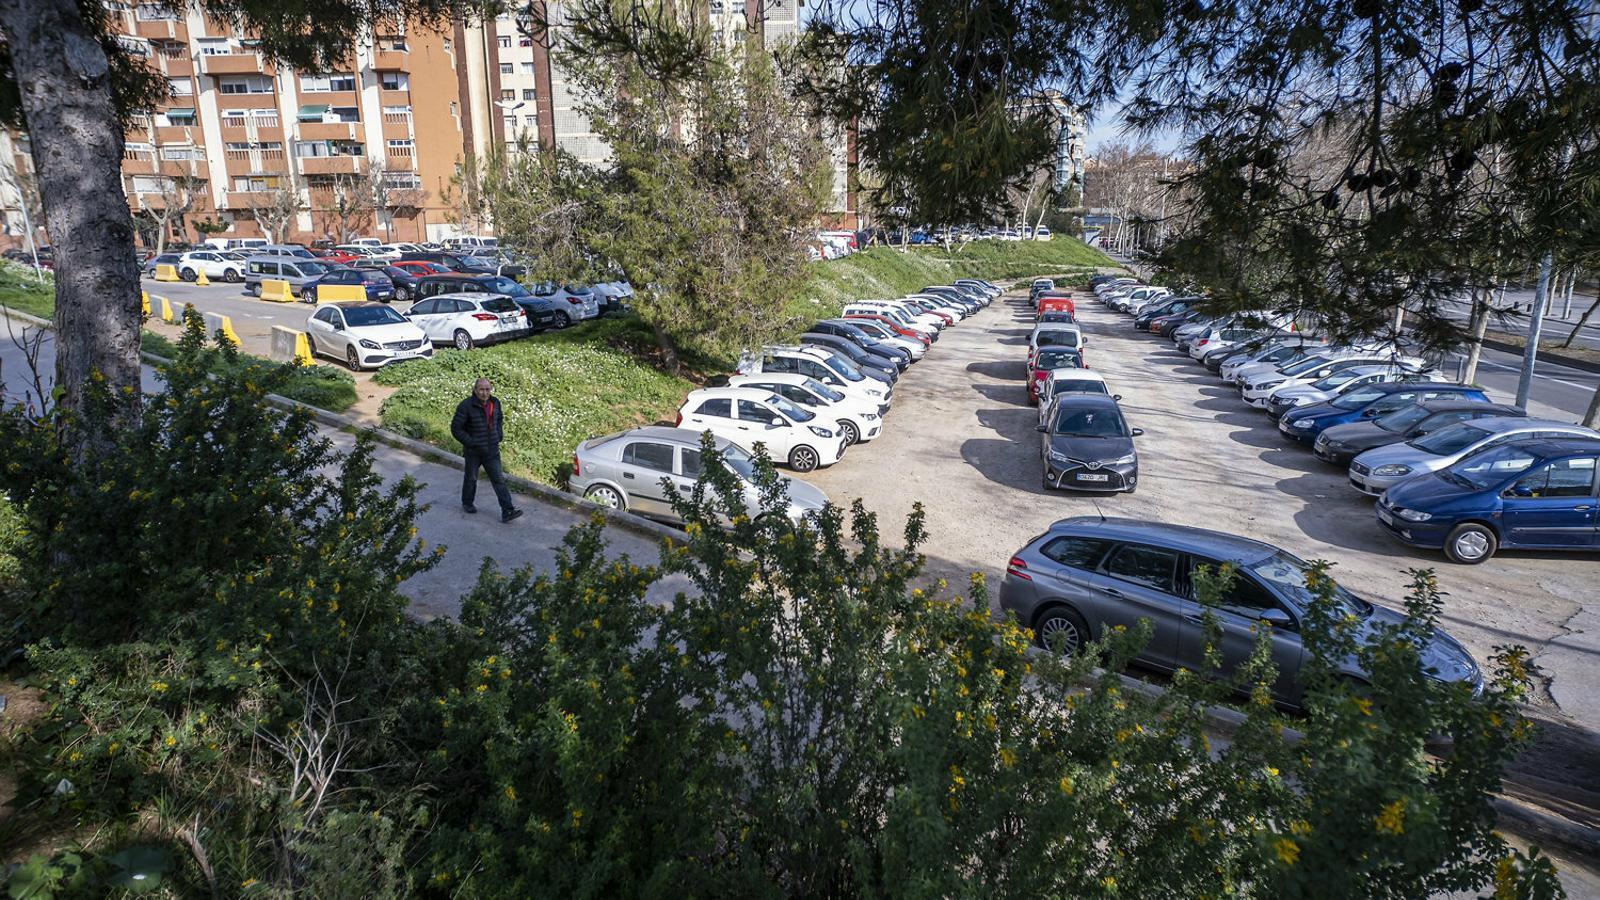 Barcelona acabarà amb els aparcaments gratuïts al carrer